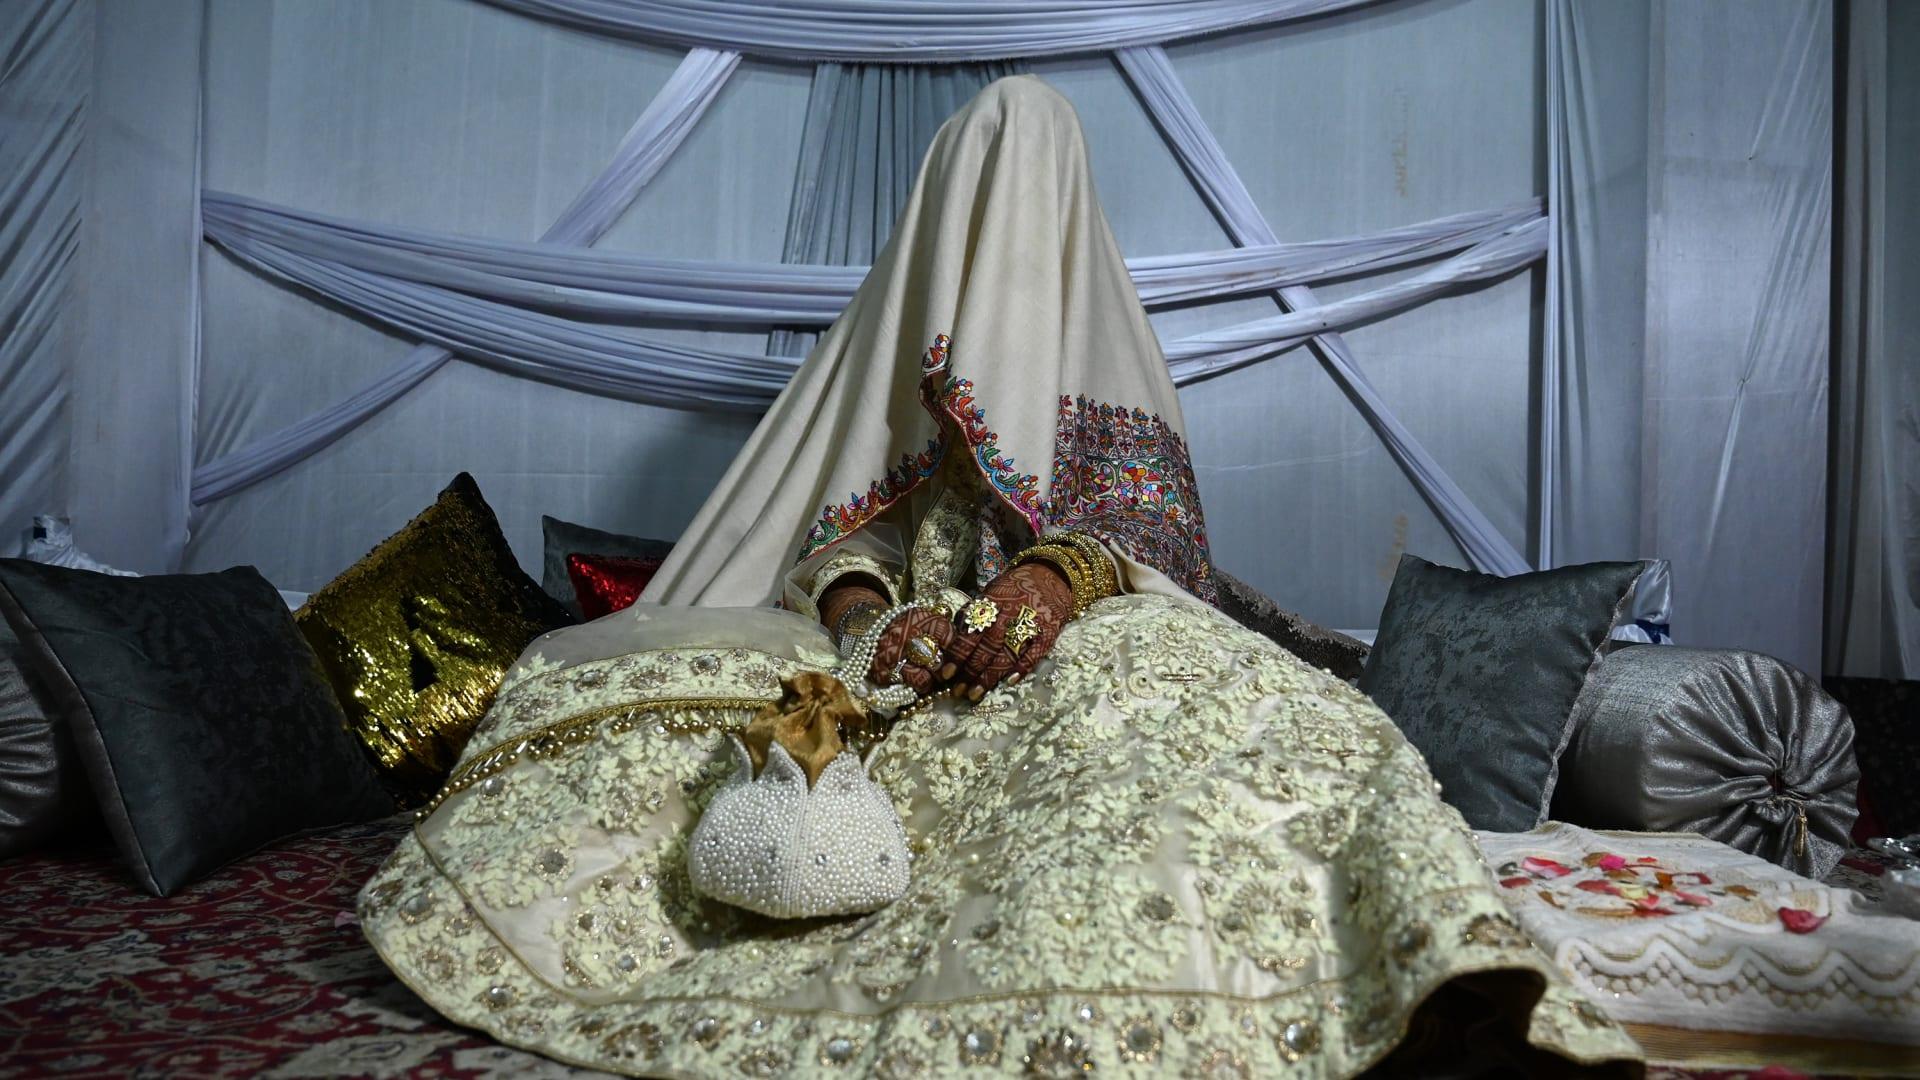 صورة أرشيفية (تعبيرية) لعروس في حفل زفاف تقليدي